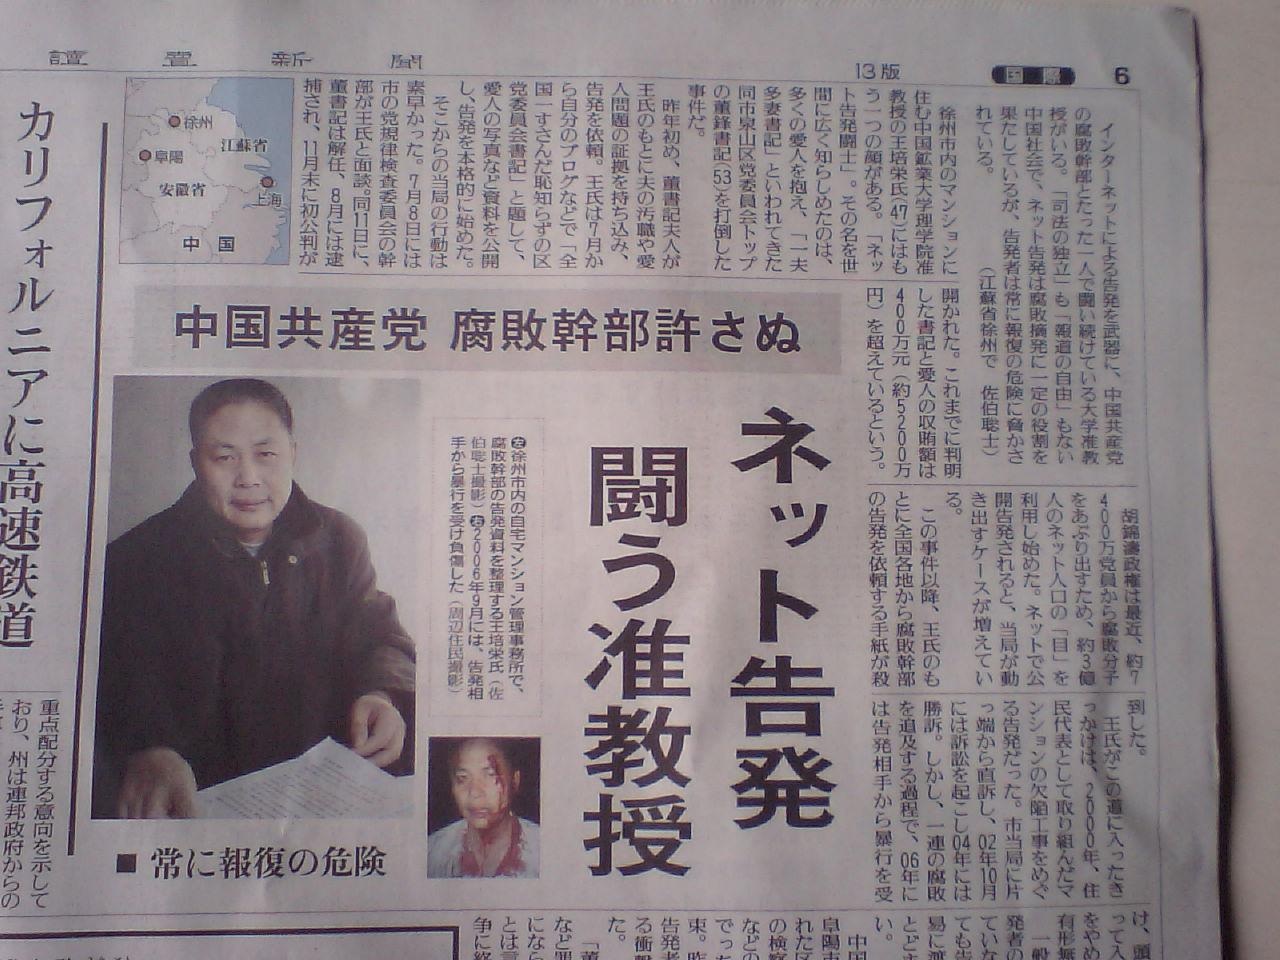 29日付の読売新聞朝刊_d0027795_10171368.jpg